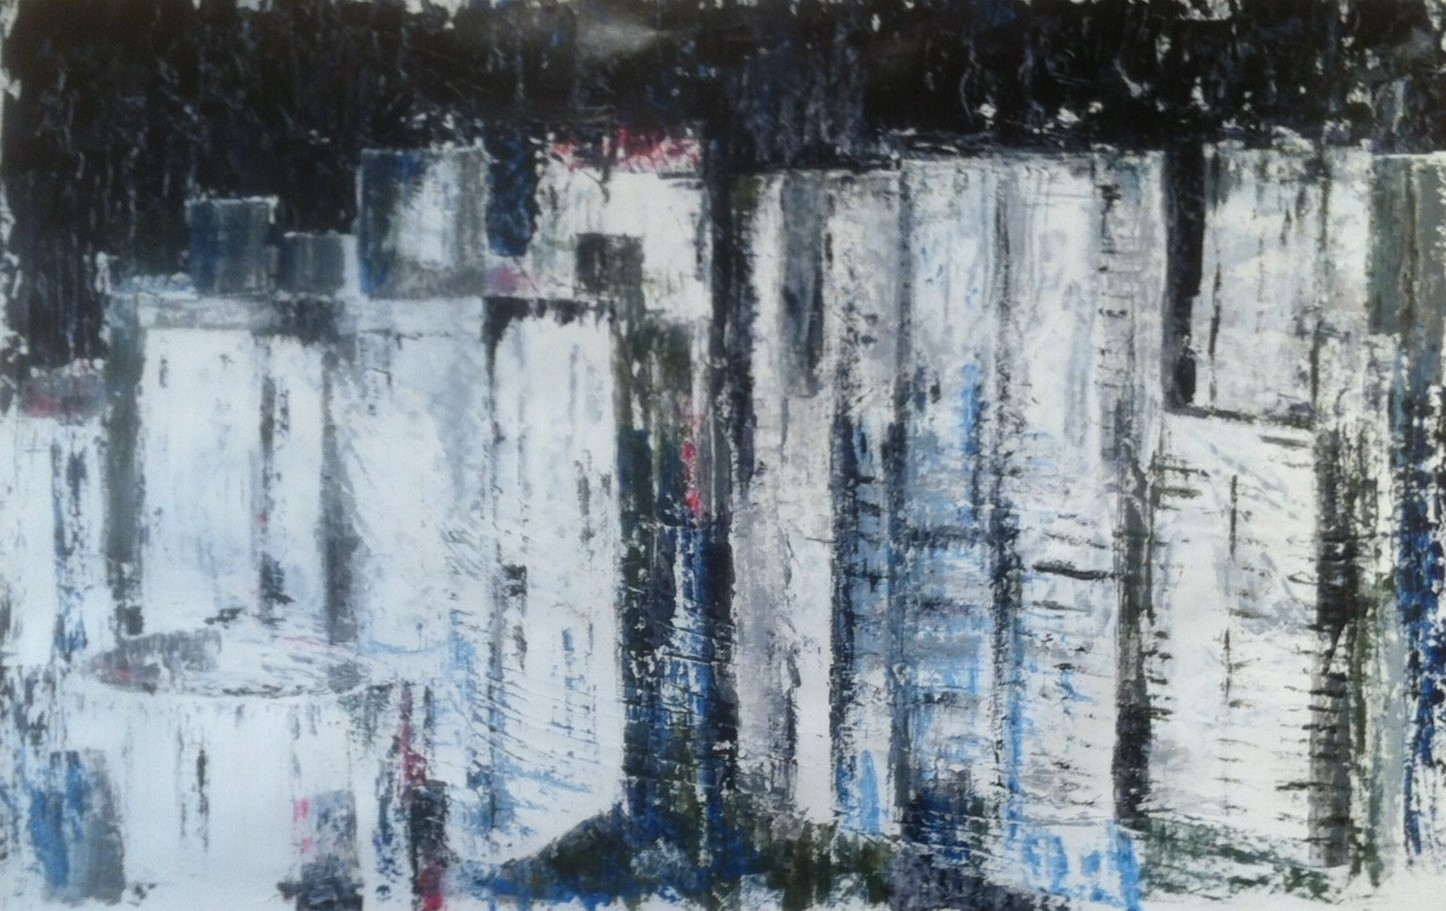 N°1600 - Downtown - Acrylique sur papier - 65 x 100 cm - 7 octobre 2014